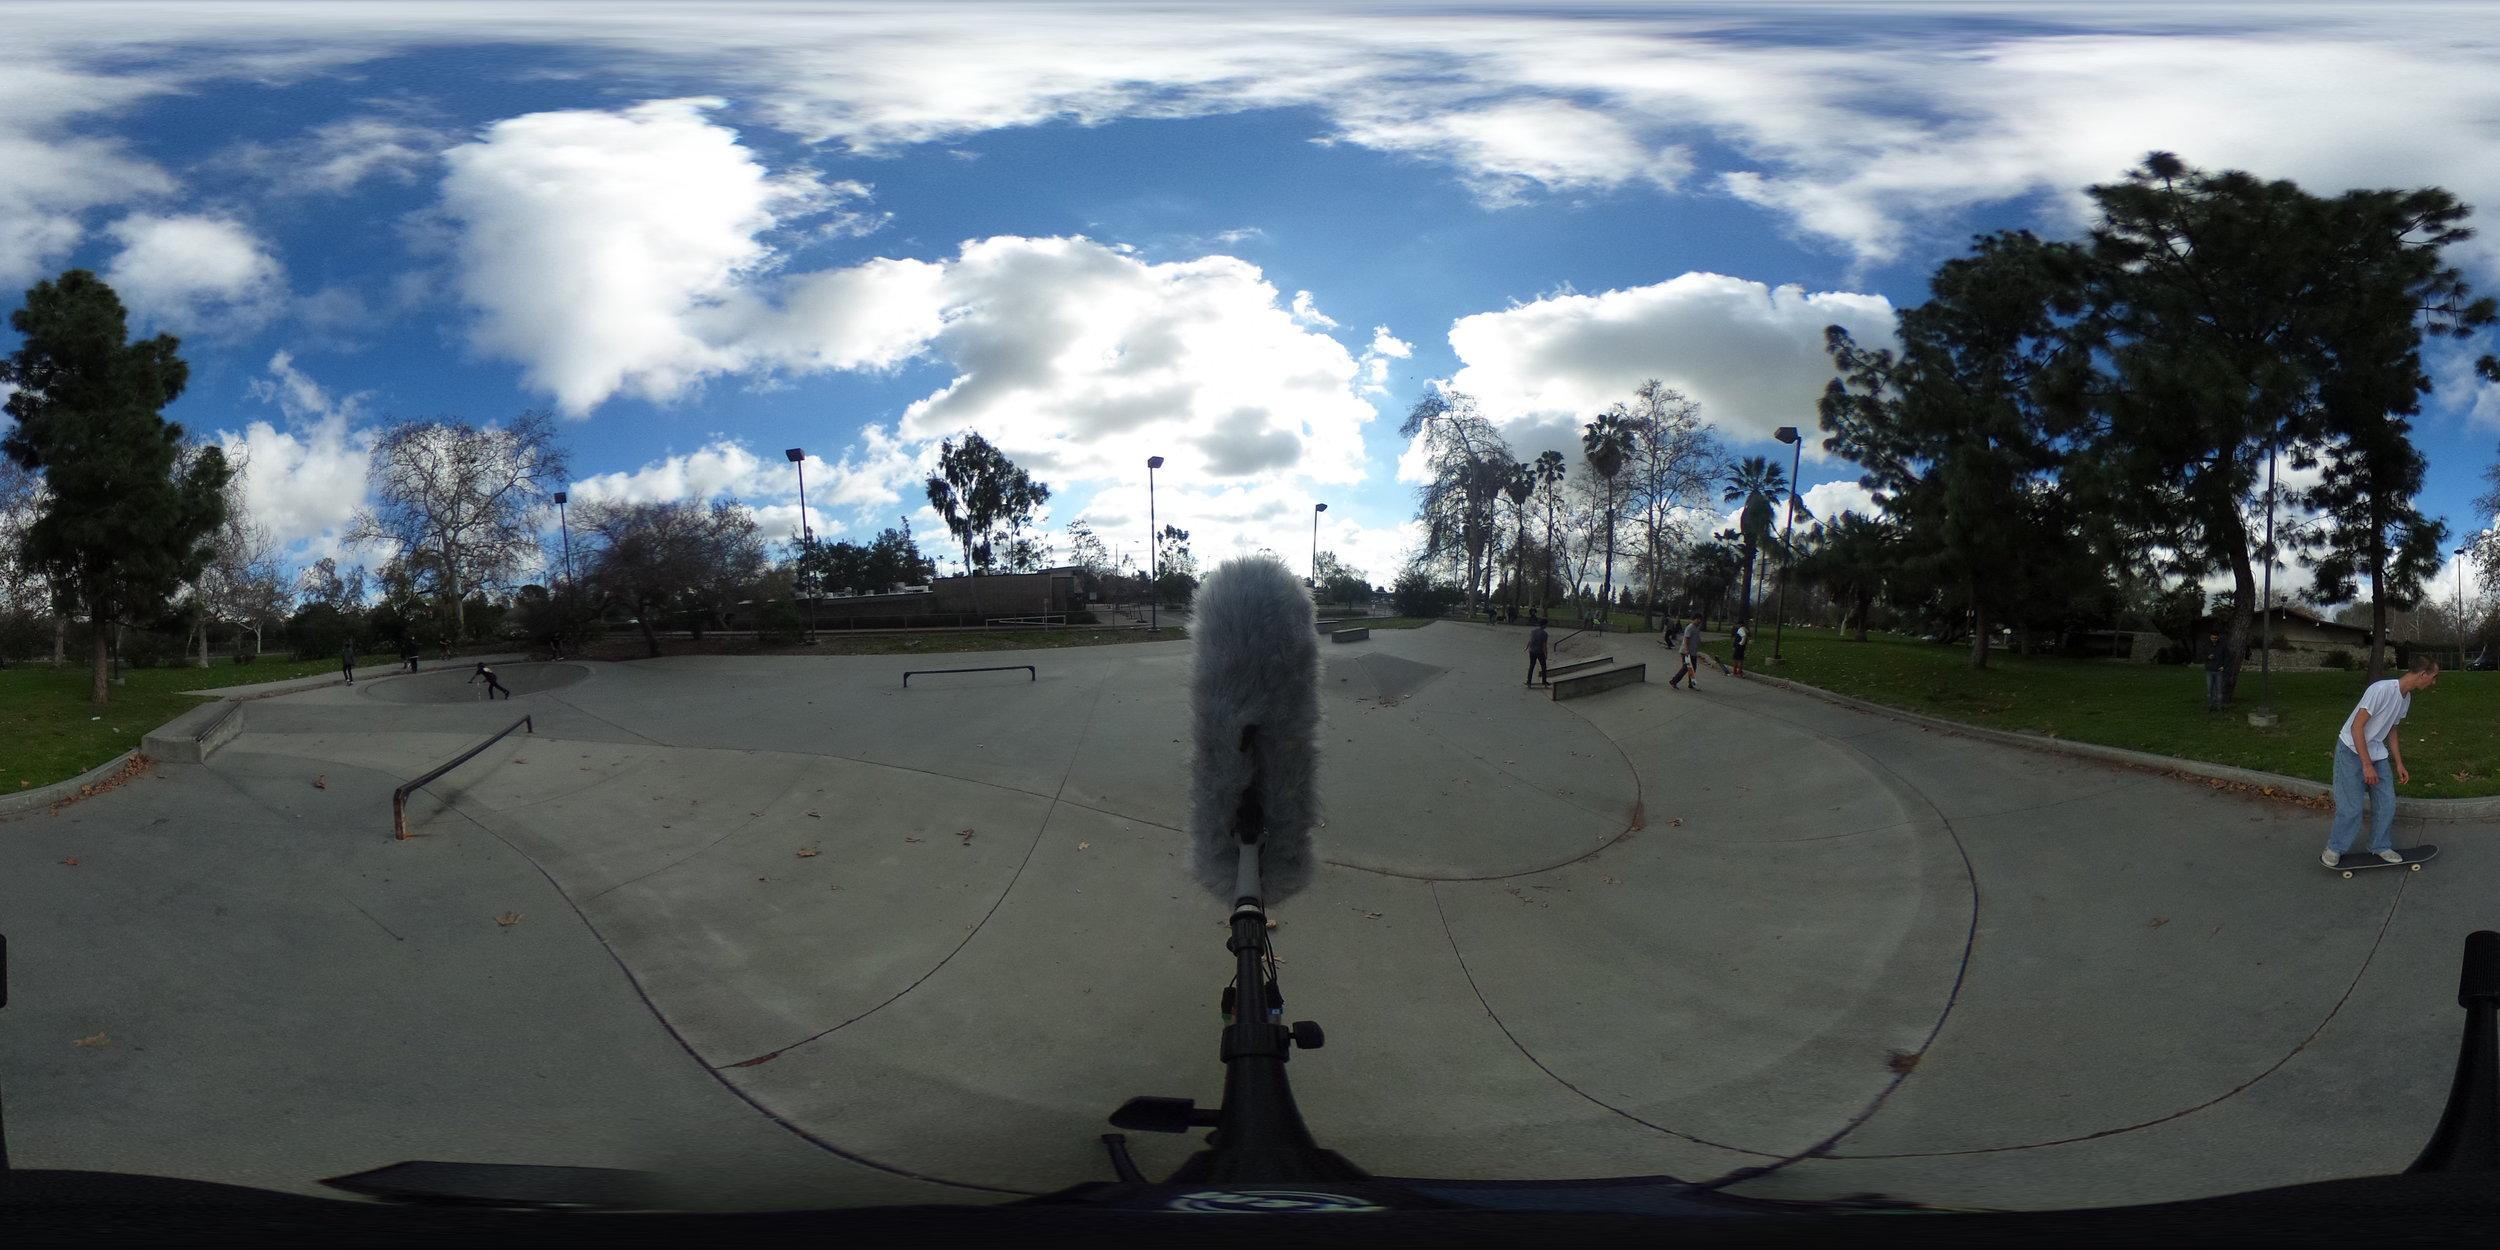 EXT_Day_Skatepark_MoreContinuousTricks_SkateboardBys_360PictureReference.JPG